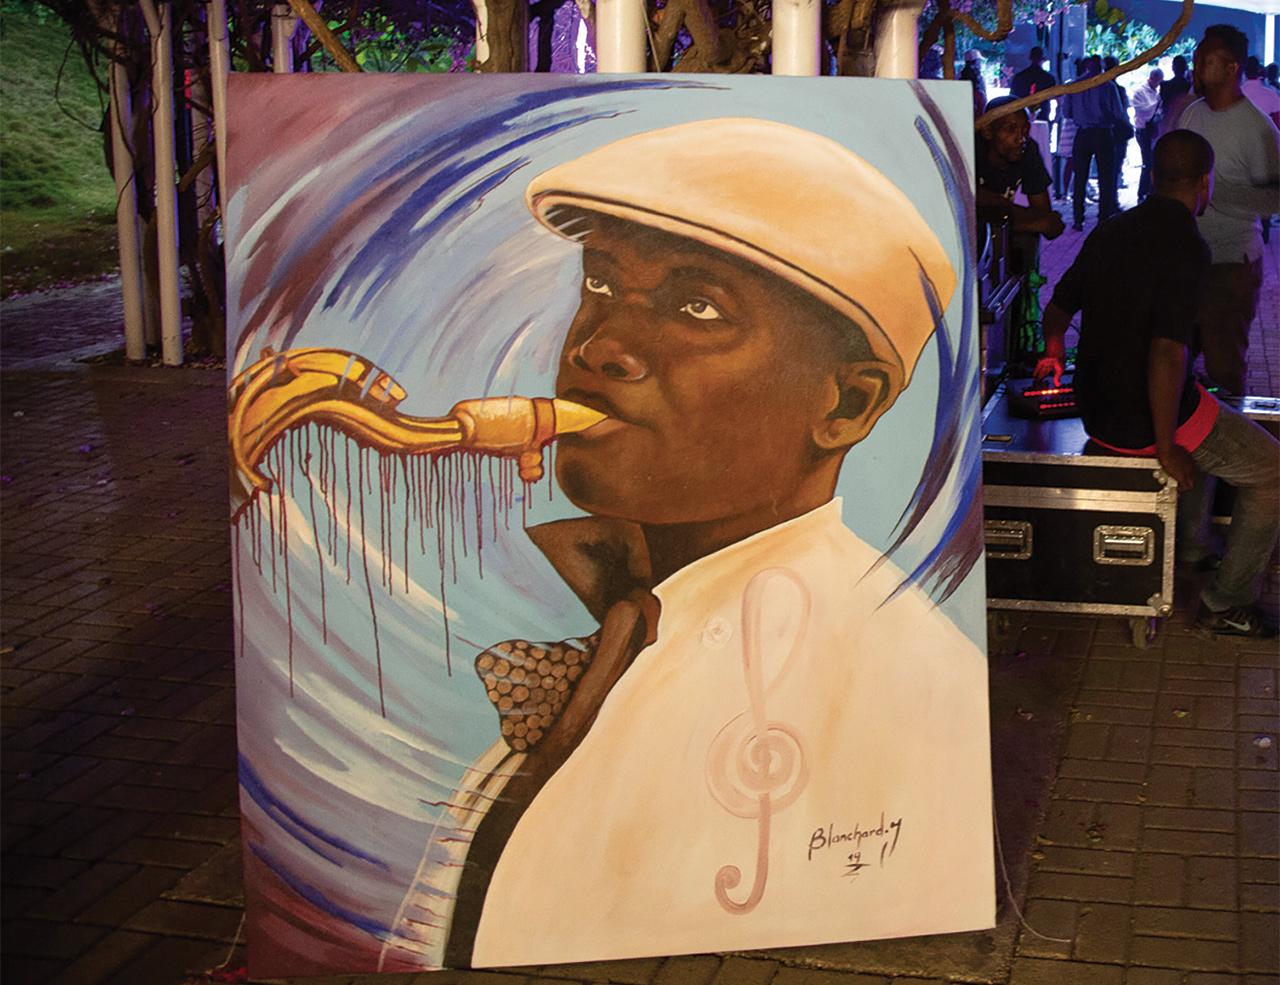 Le portrait de Nemours Jean-Baptiste peint par un artiste haïtien.